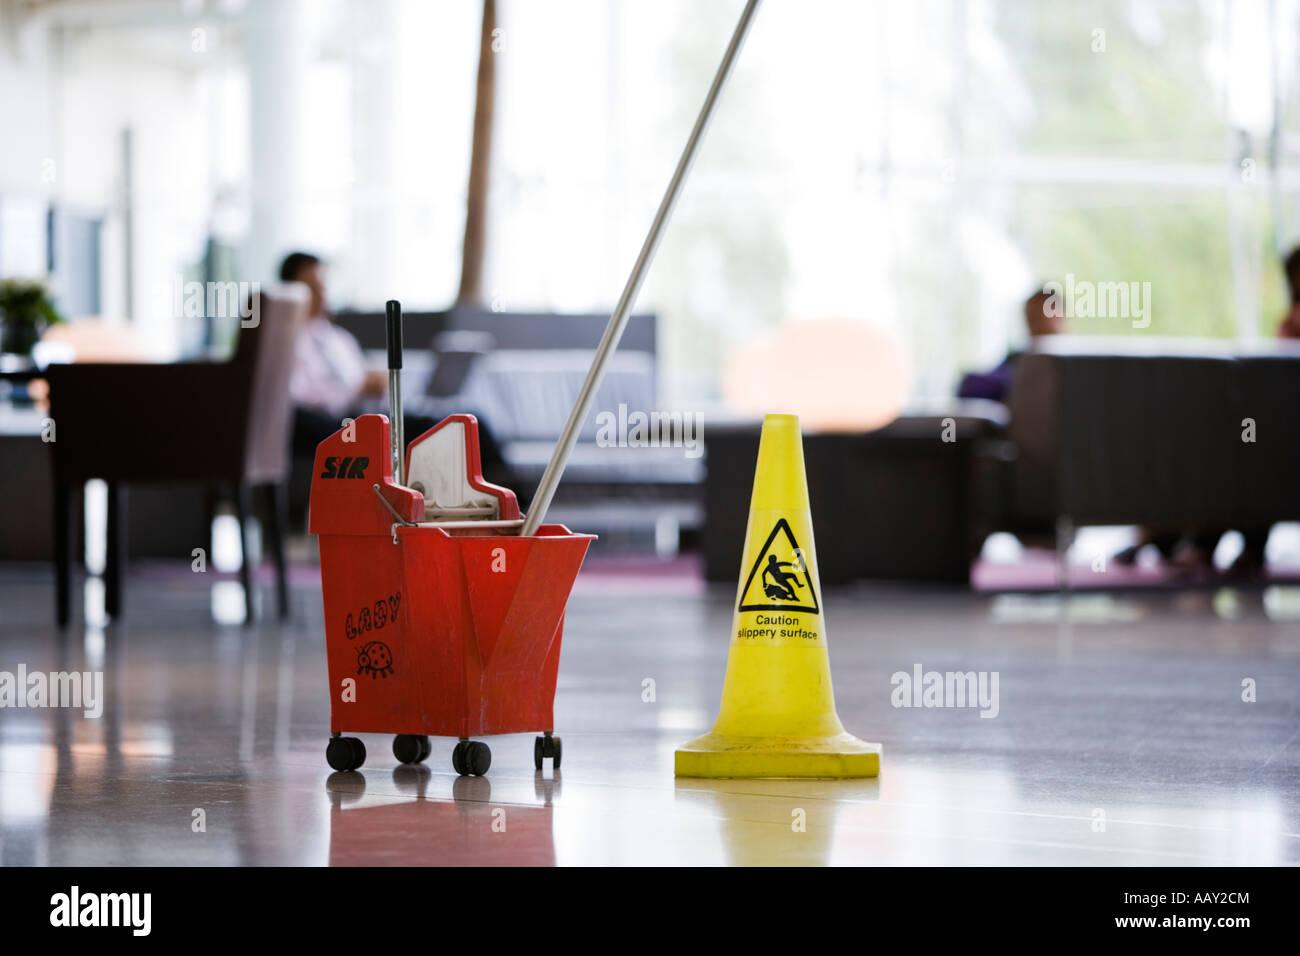 Le nettoyage des sols dans un hall de l'hôtel Photo Stock